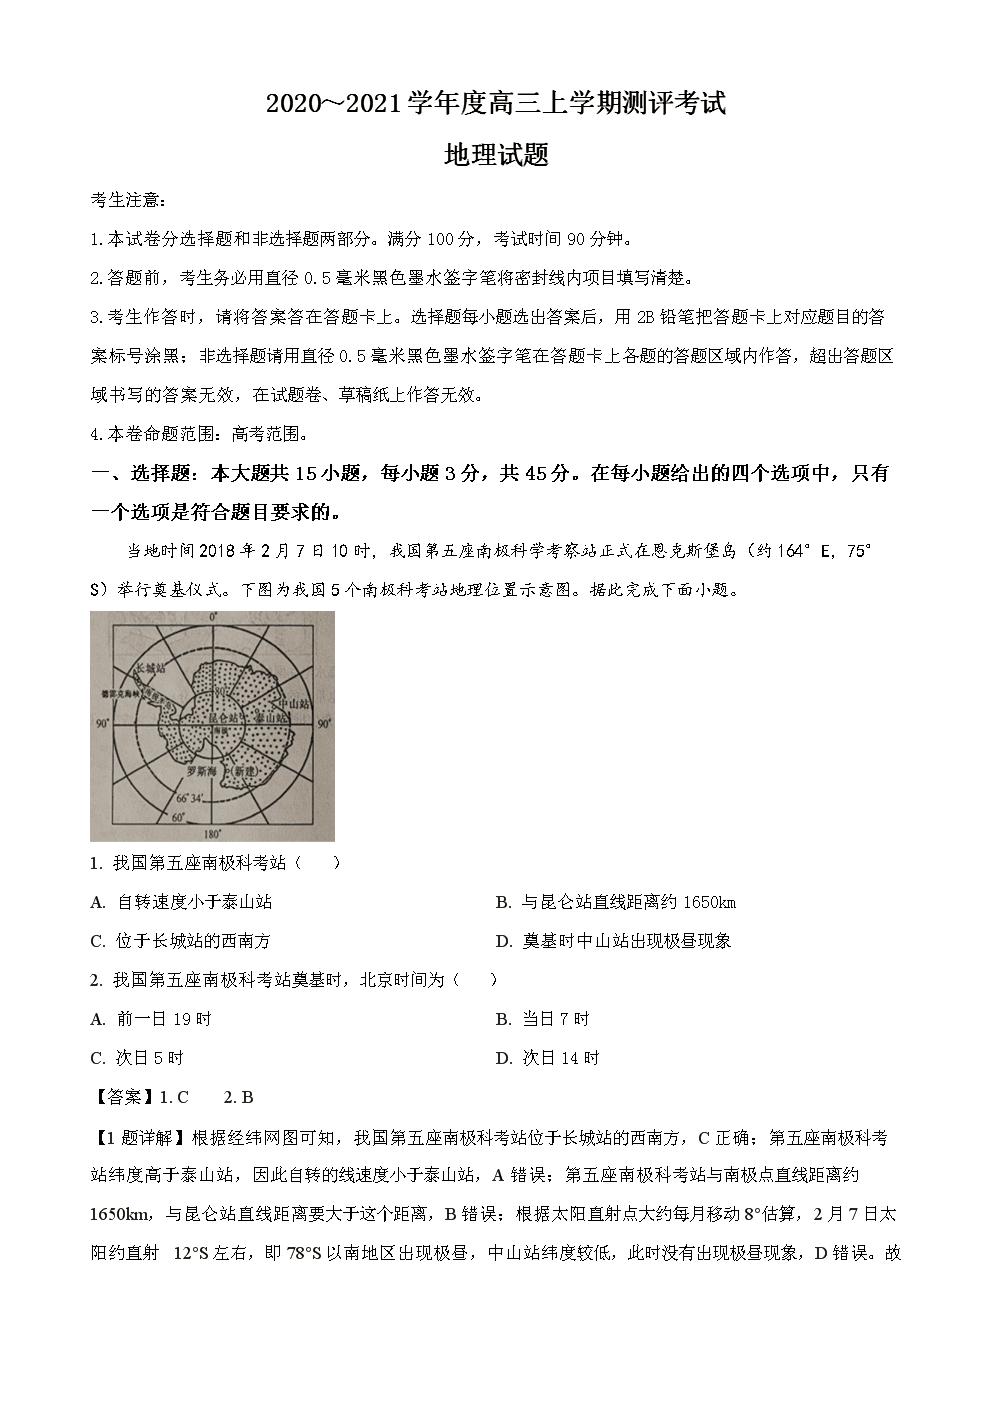 辽宁省2020-2021学年高三上学期测评考试地理试题(解析版).doc